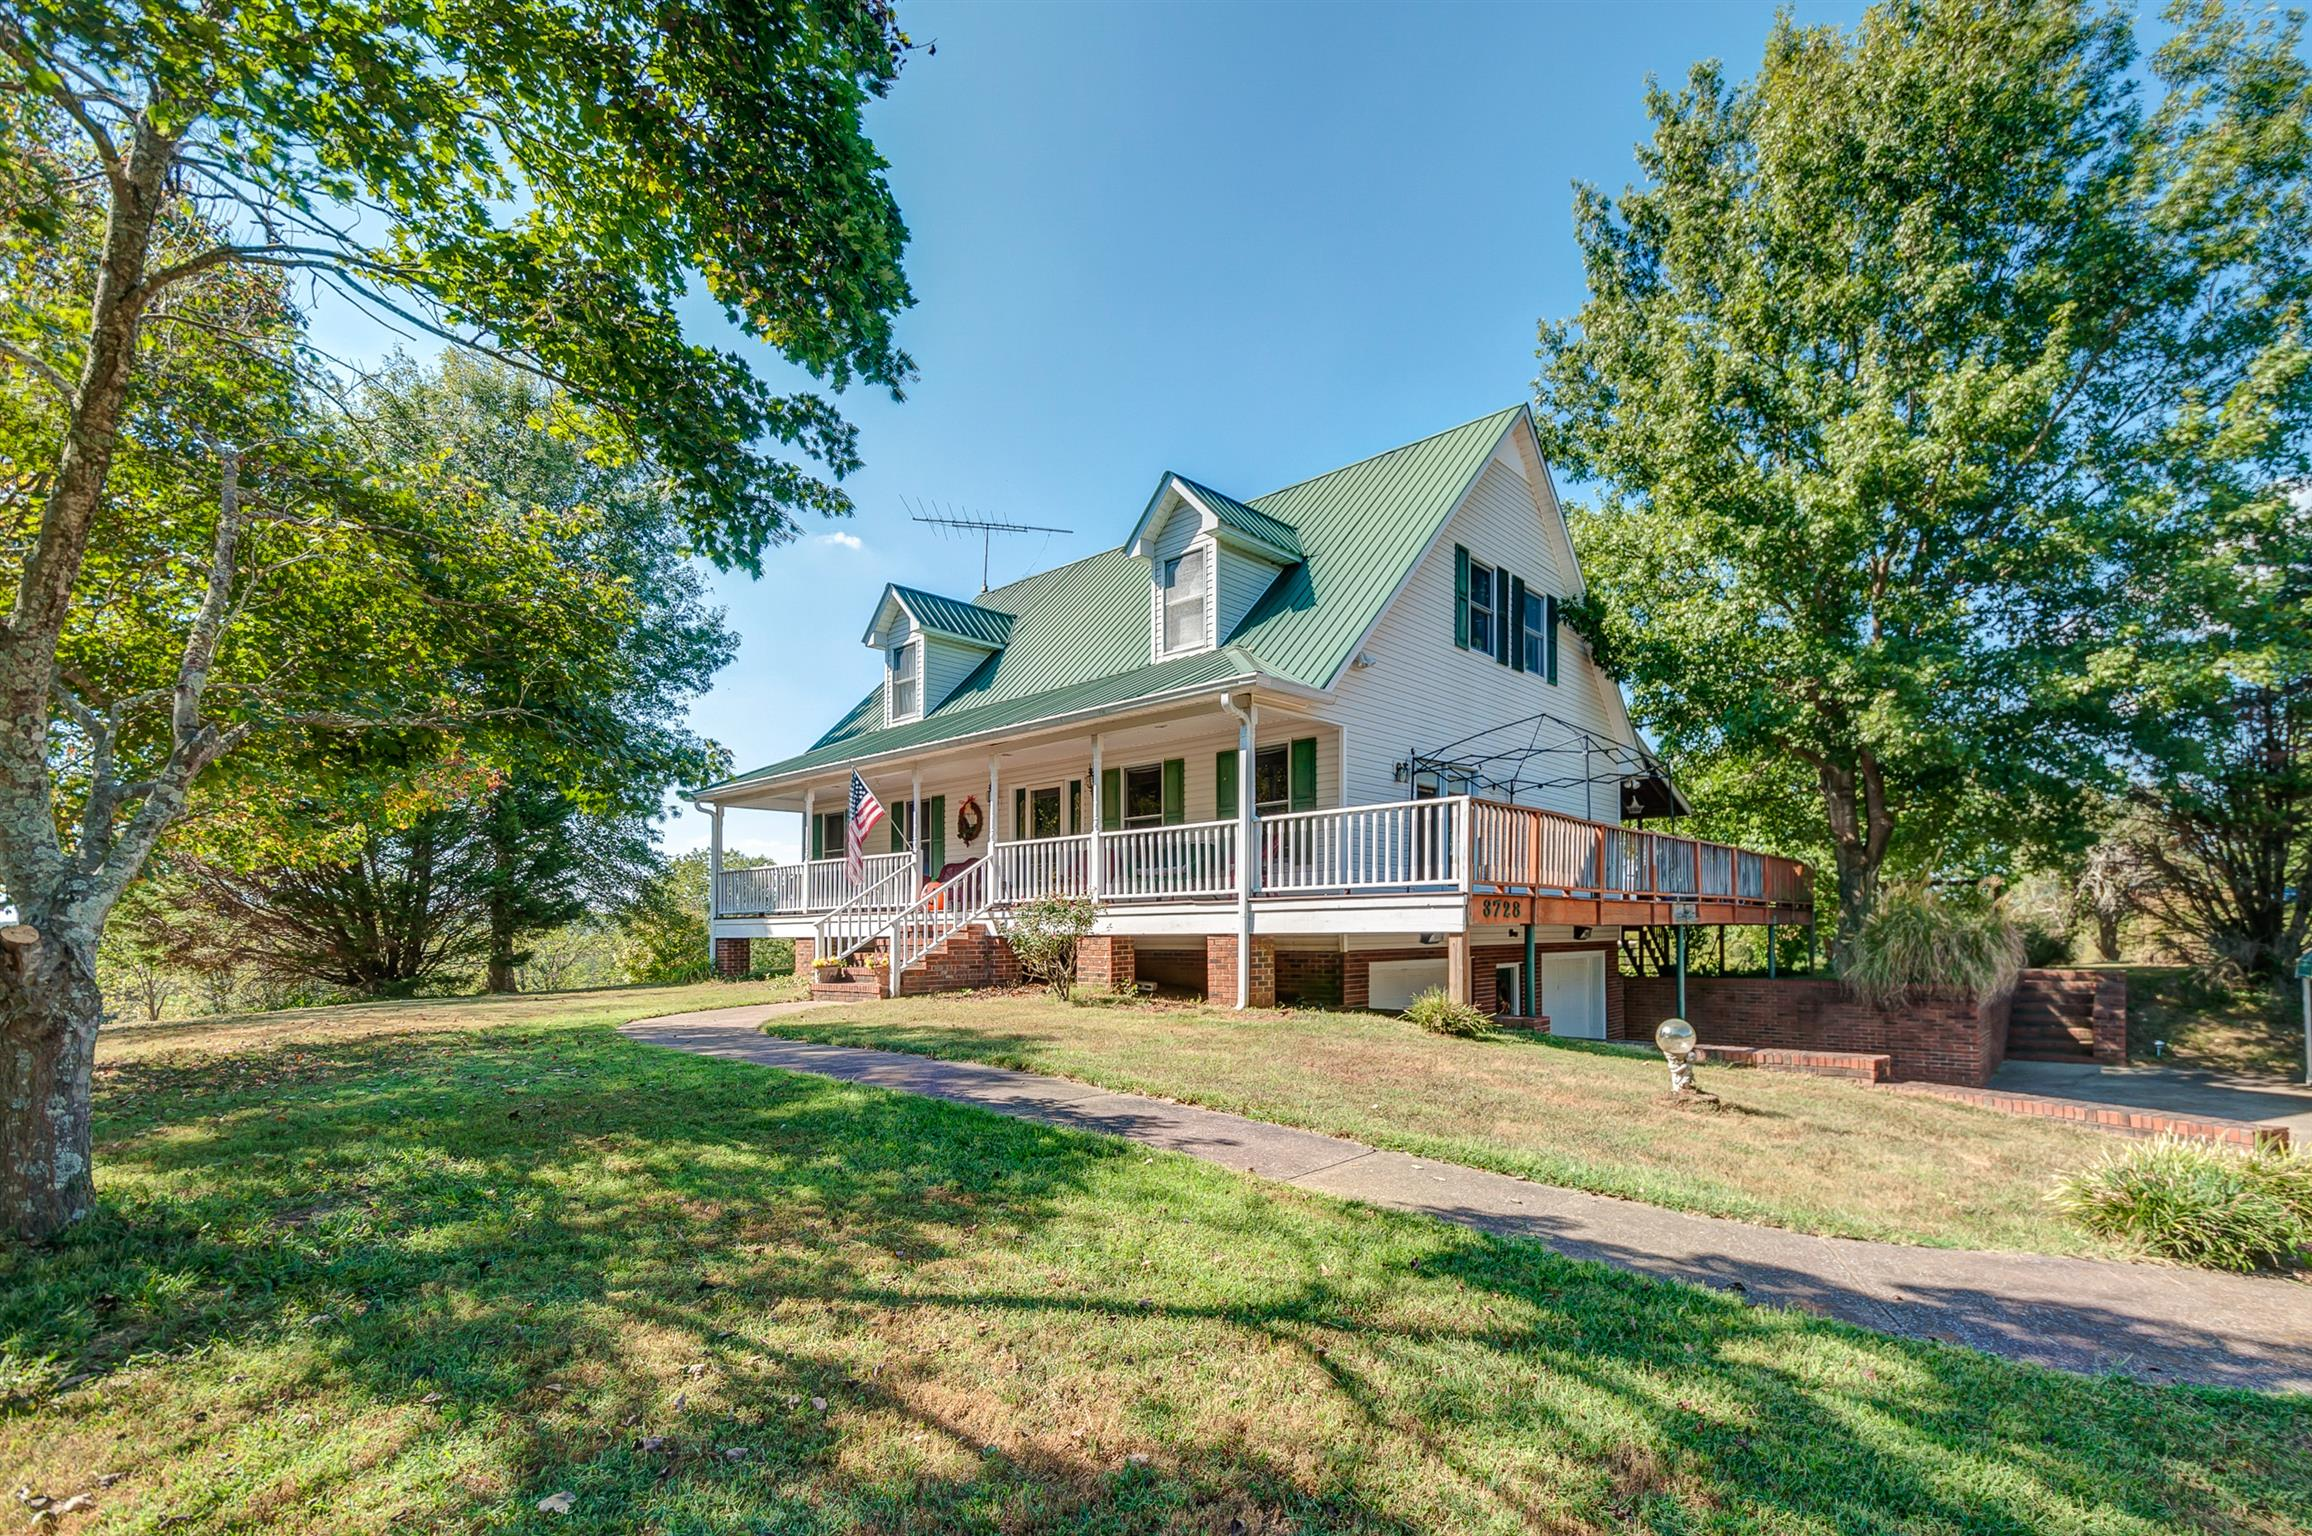 3728 John Bill Dobbins Rd, Williamsport, TN 38487 - Williamsport, TN real estate listing